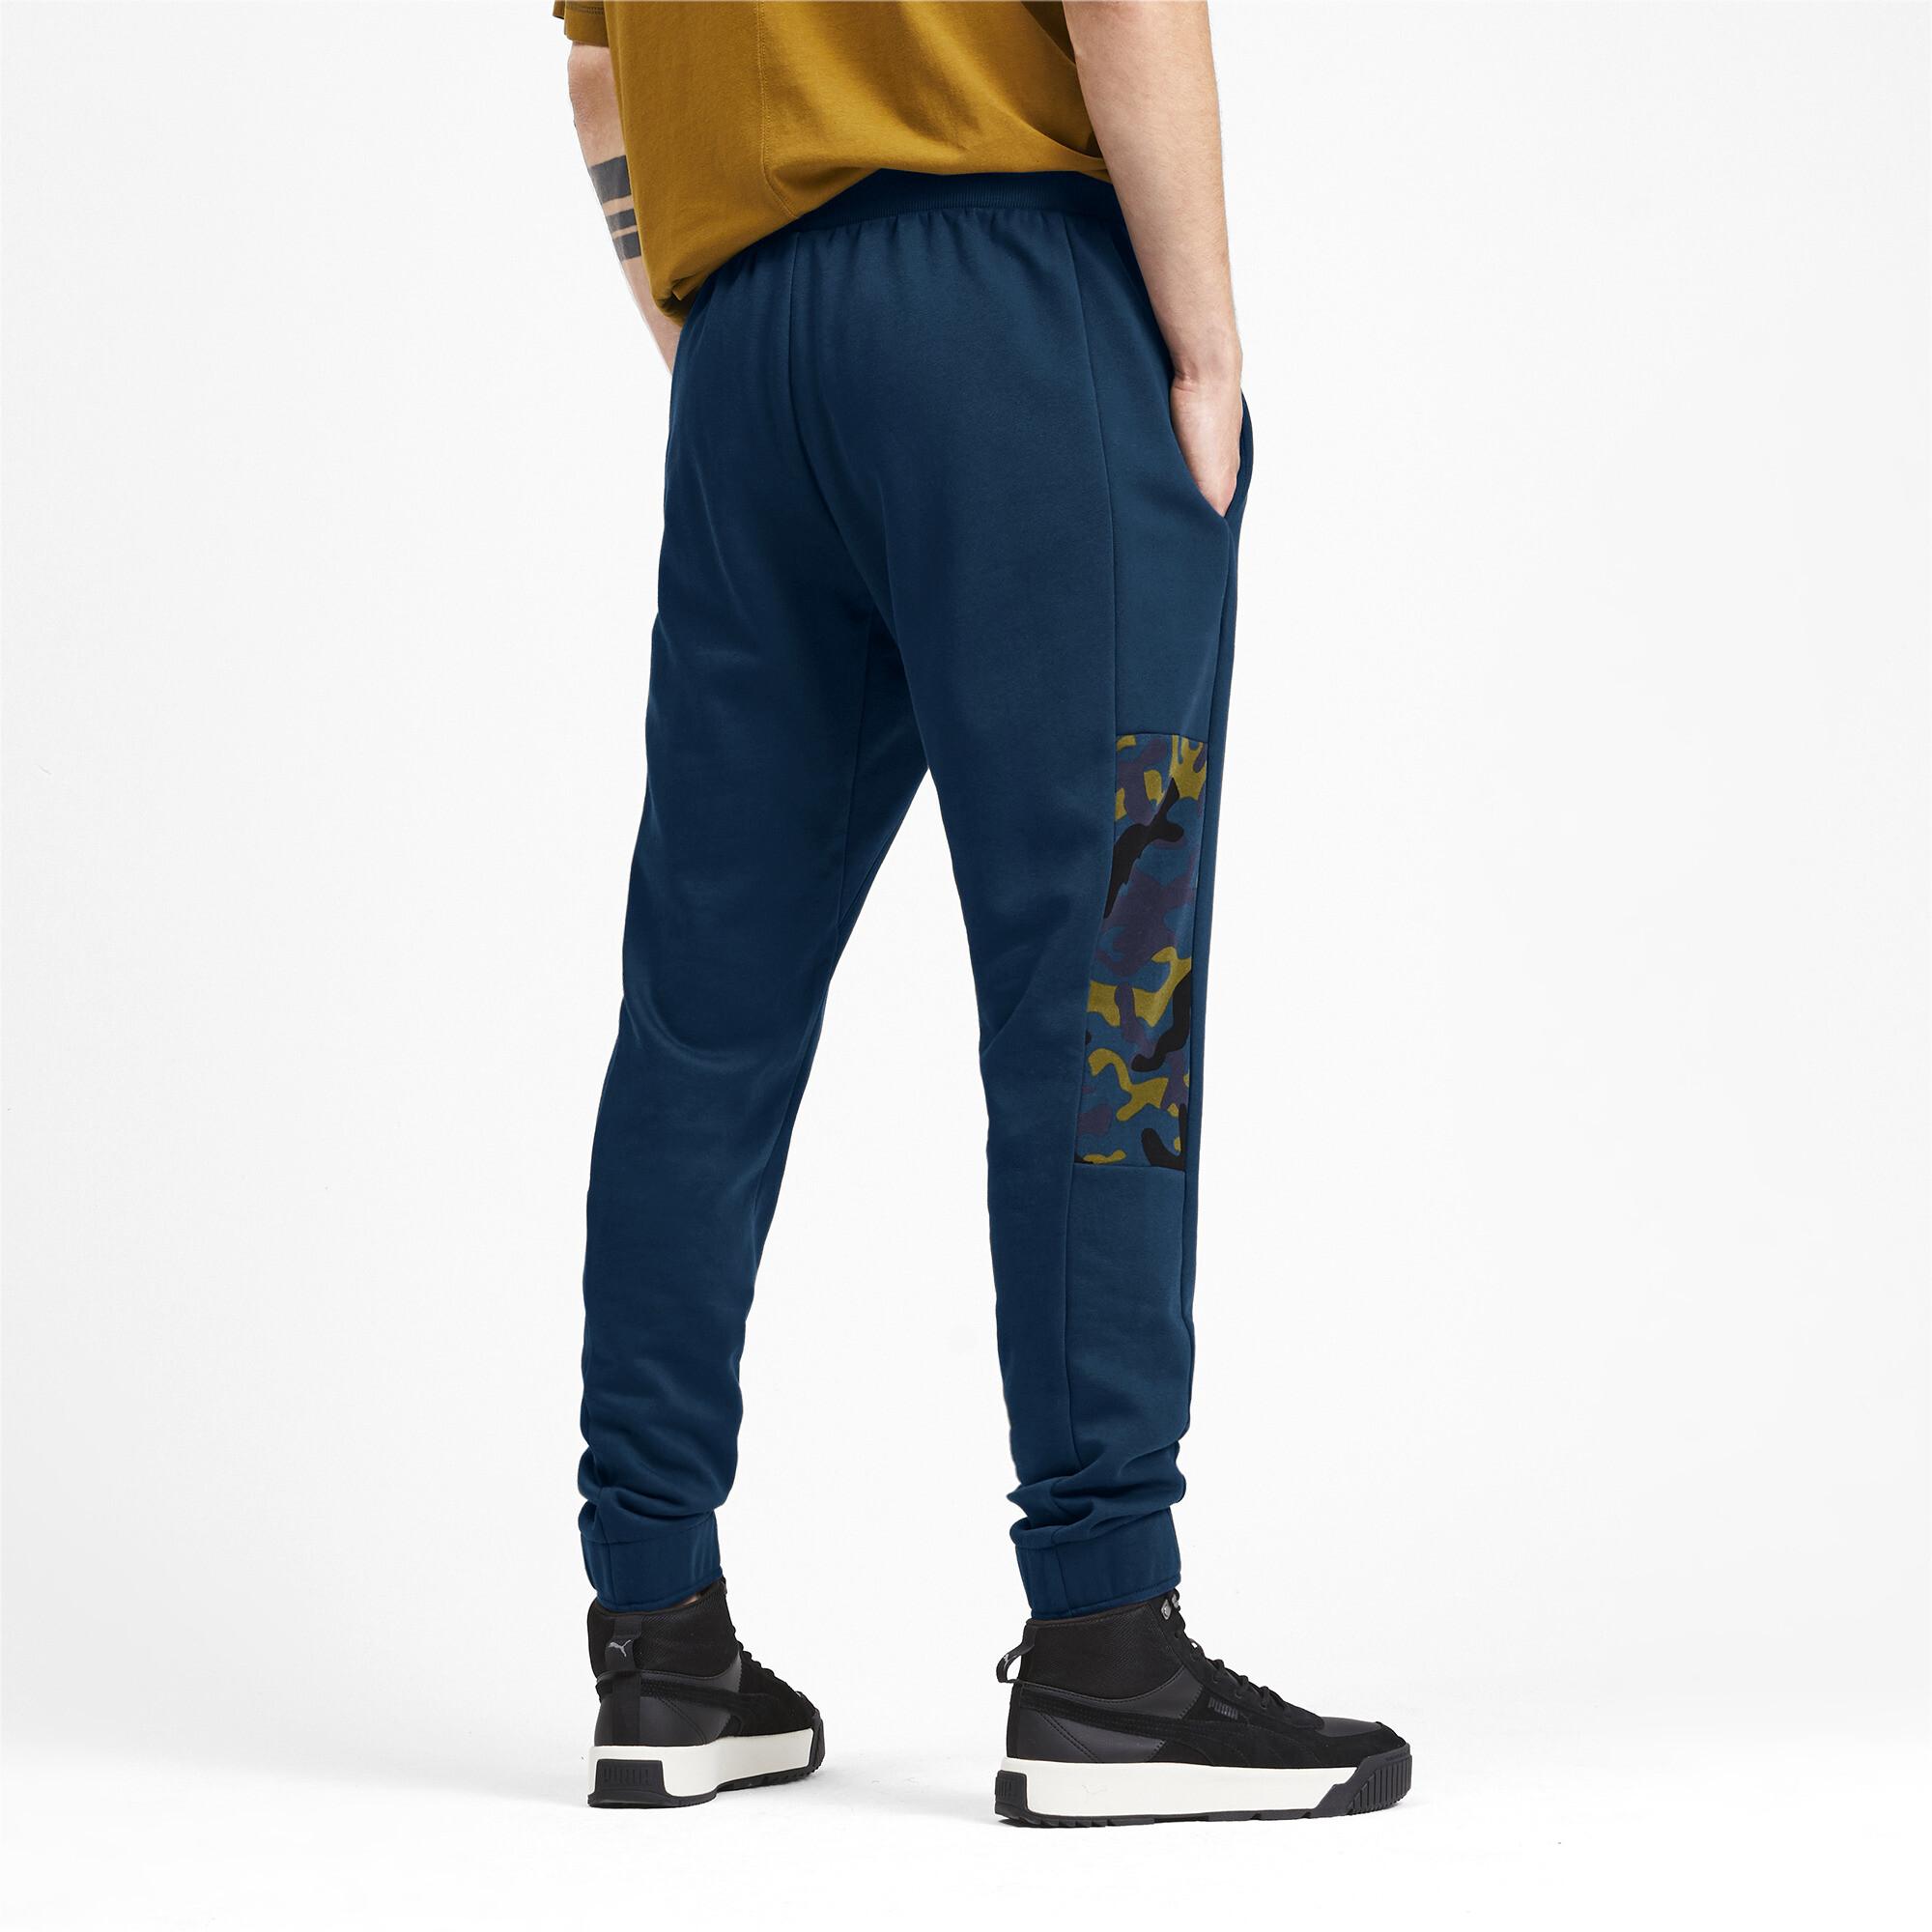 Puma-Pantalones-De-Hombre-Camuflaje-rebelde-hombre-de-punto-pantalones-Basics miniatura 9